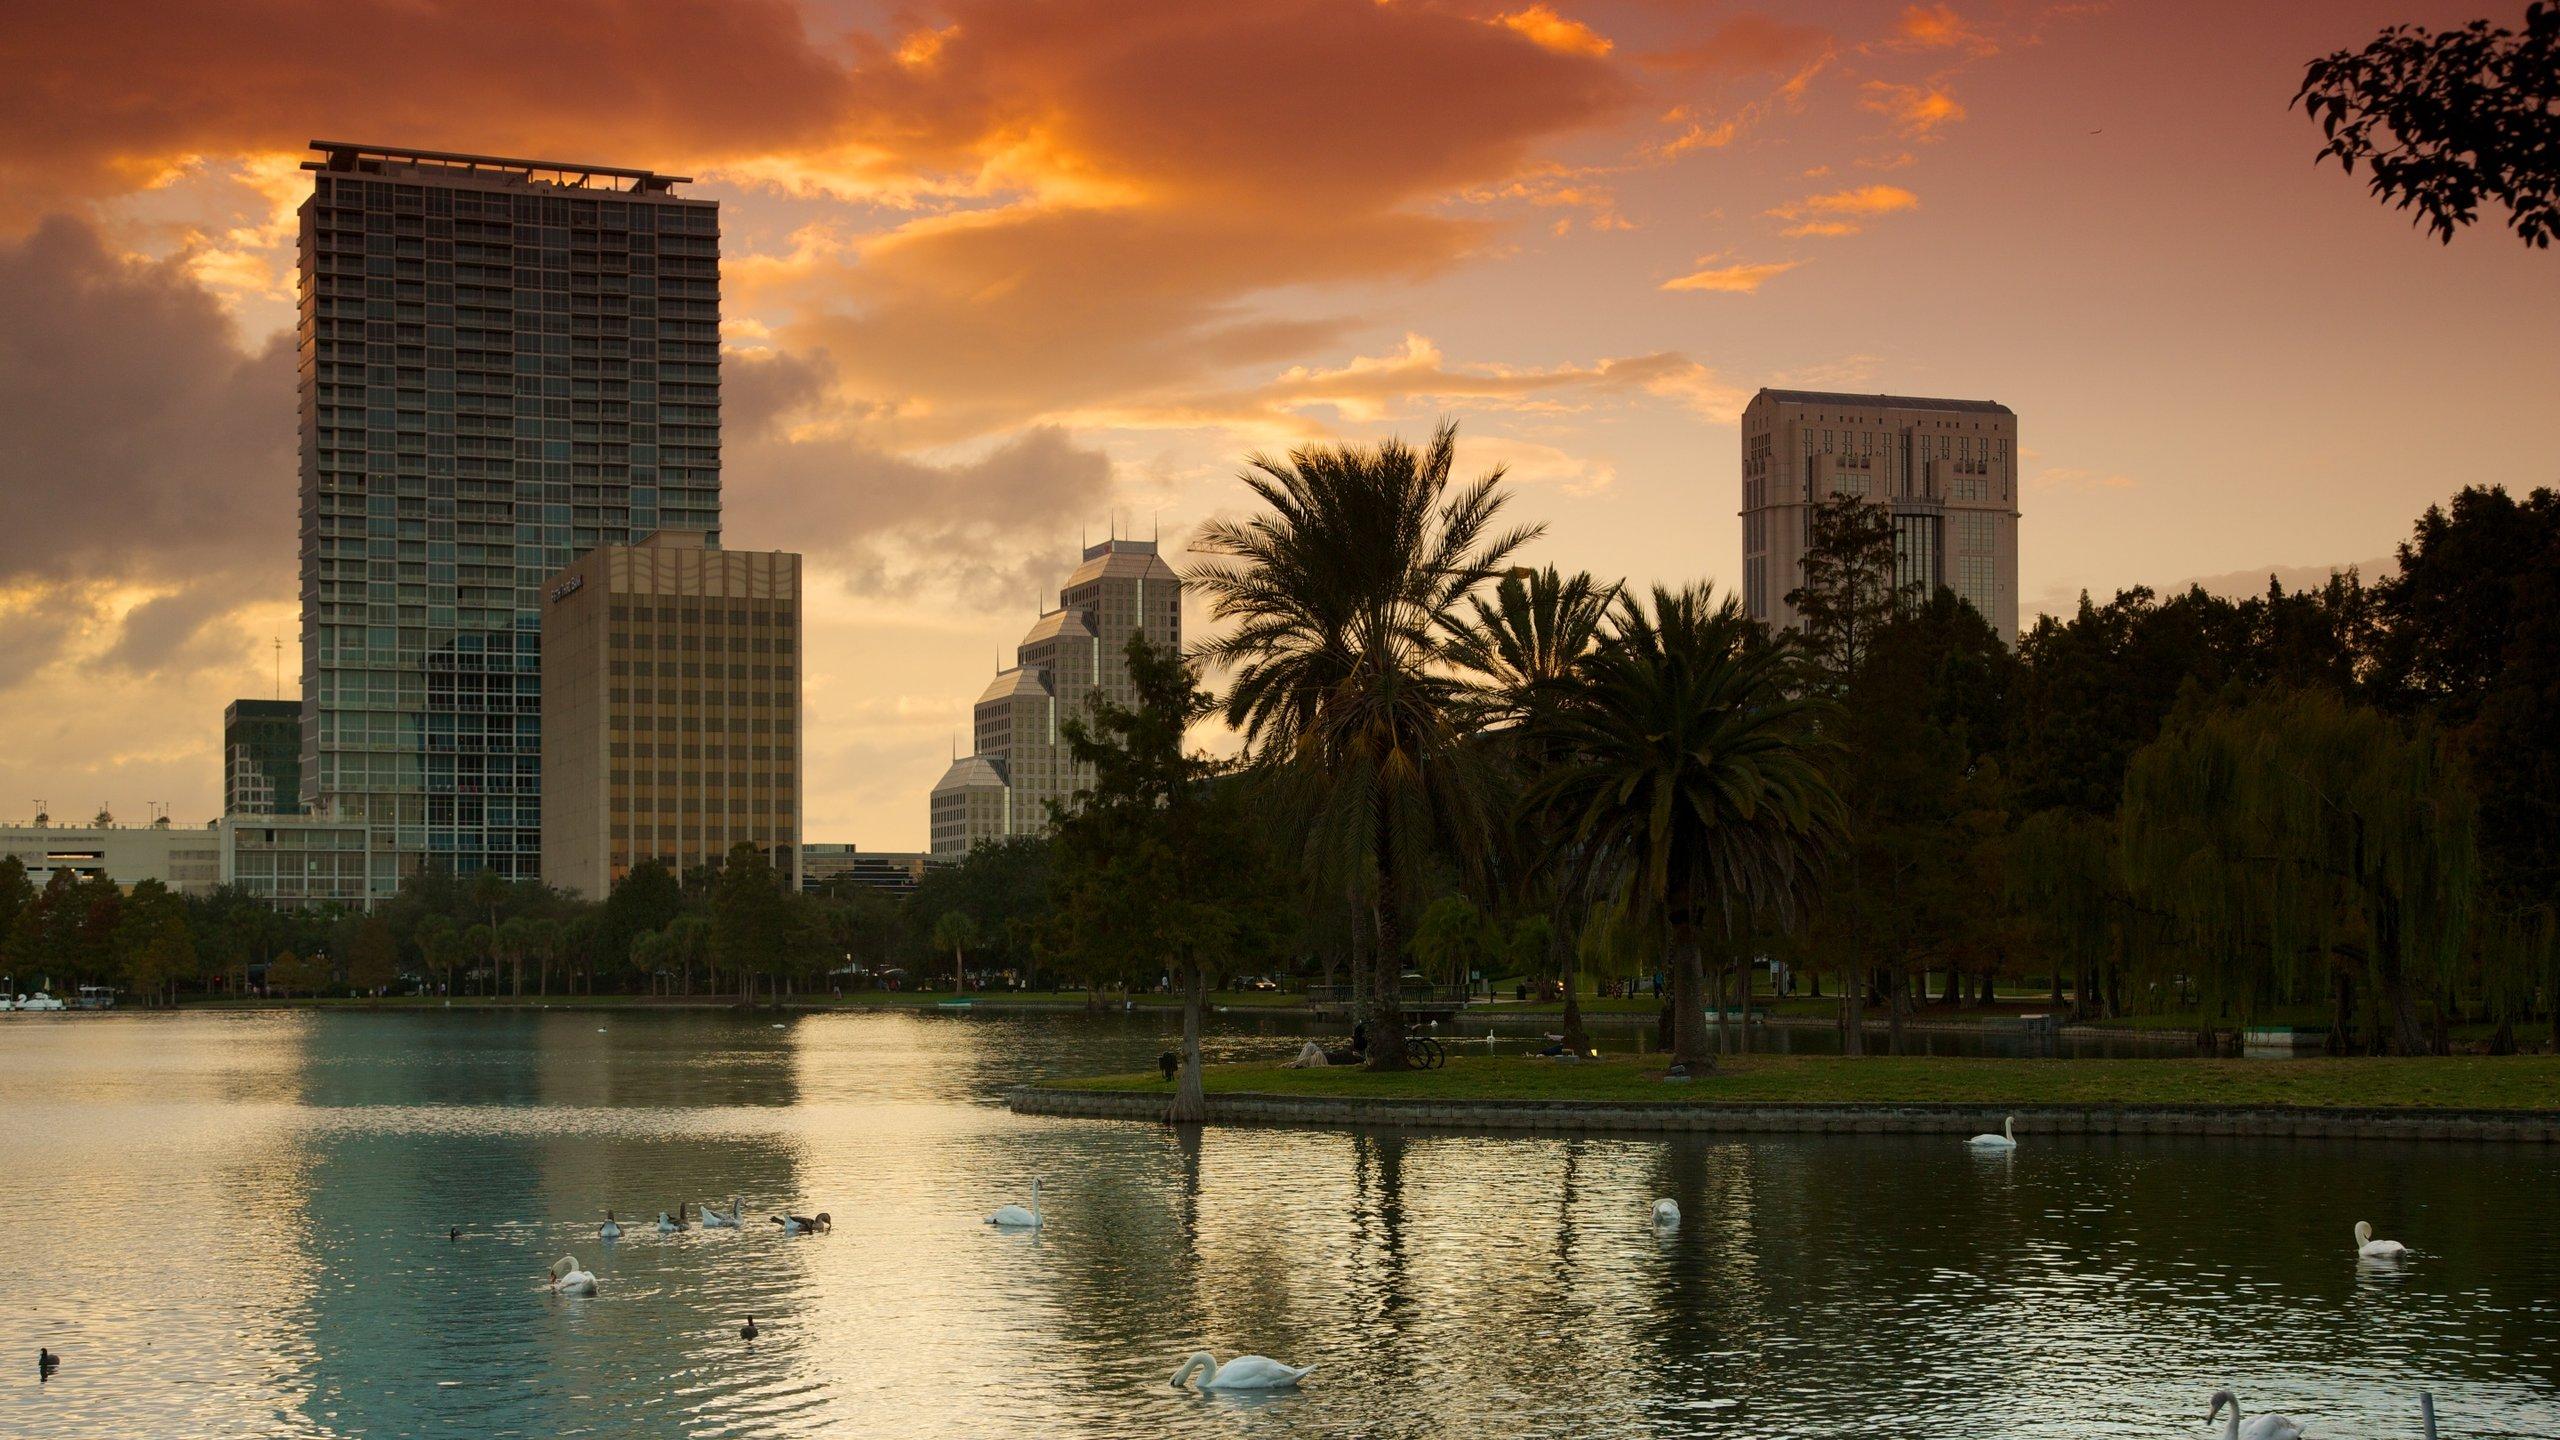 Lake Eola, Orlando, Florida, United States of America